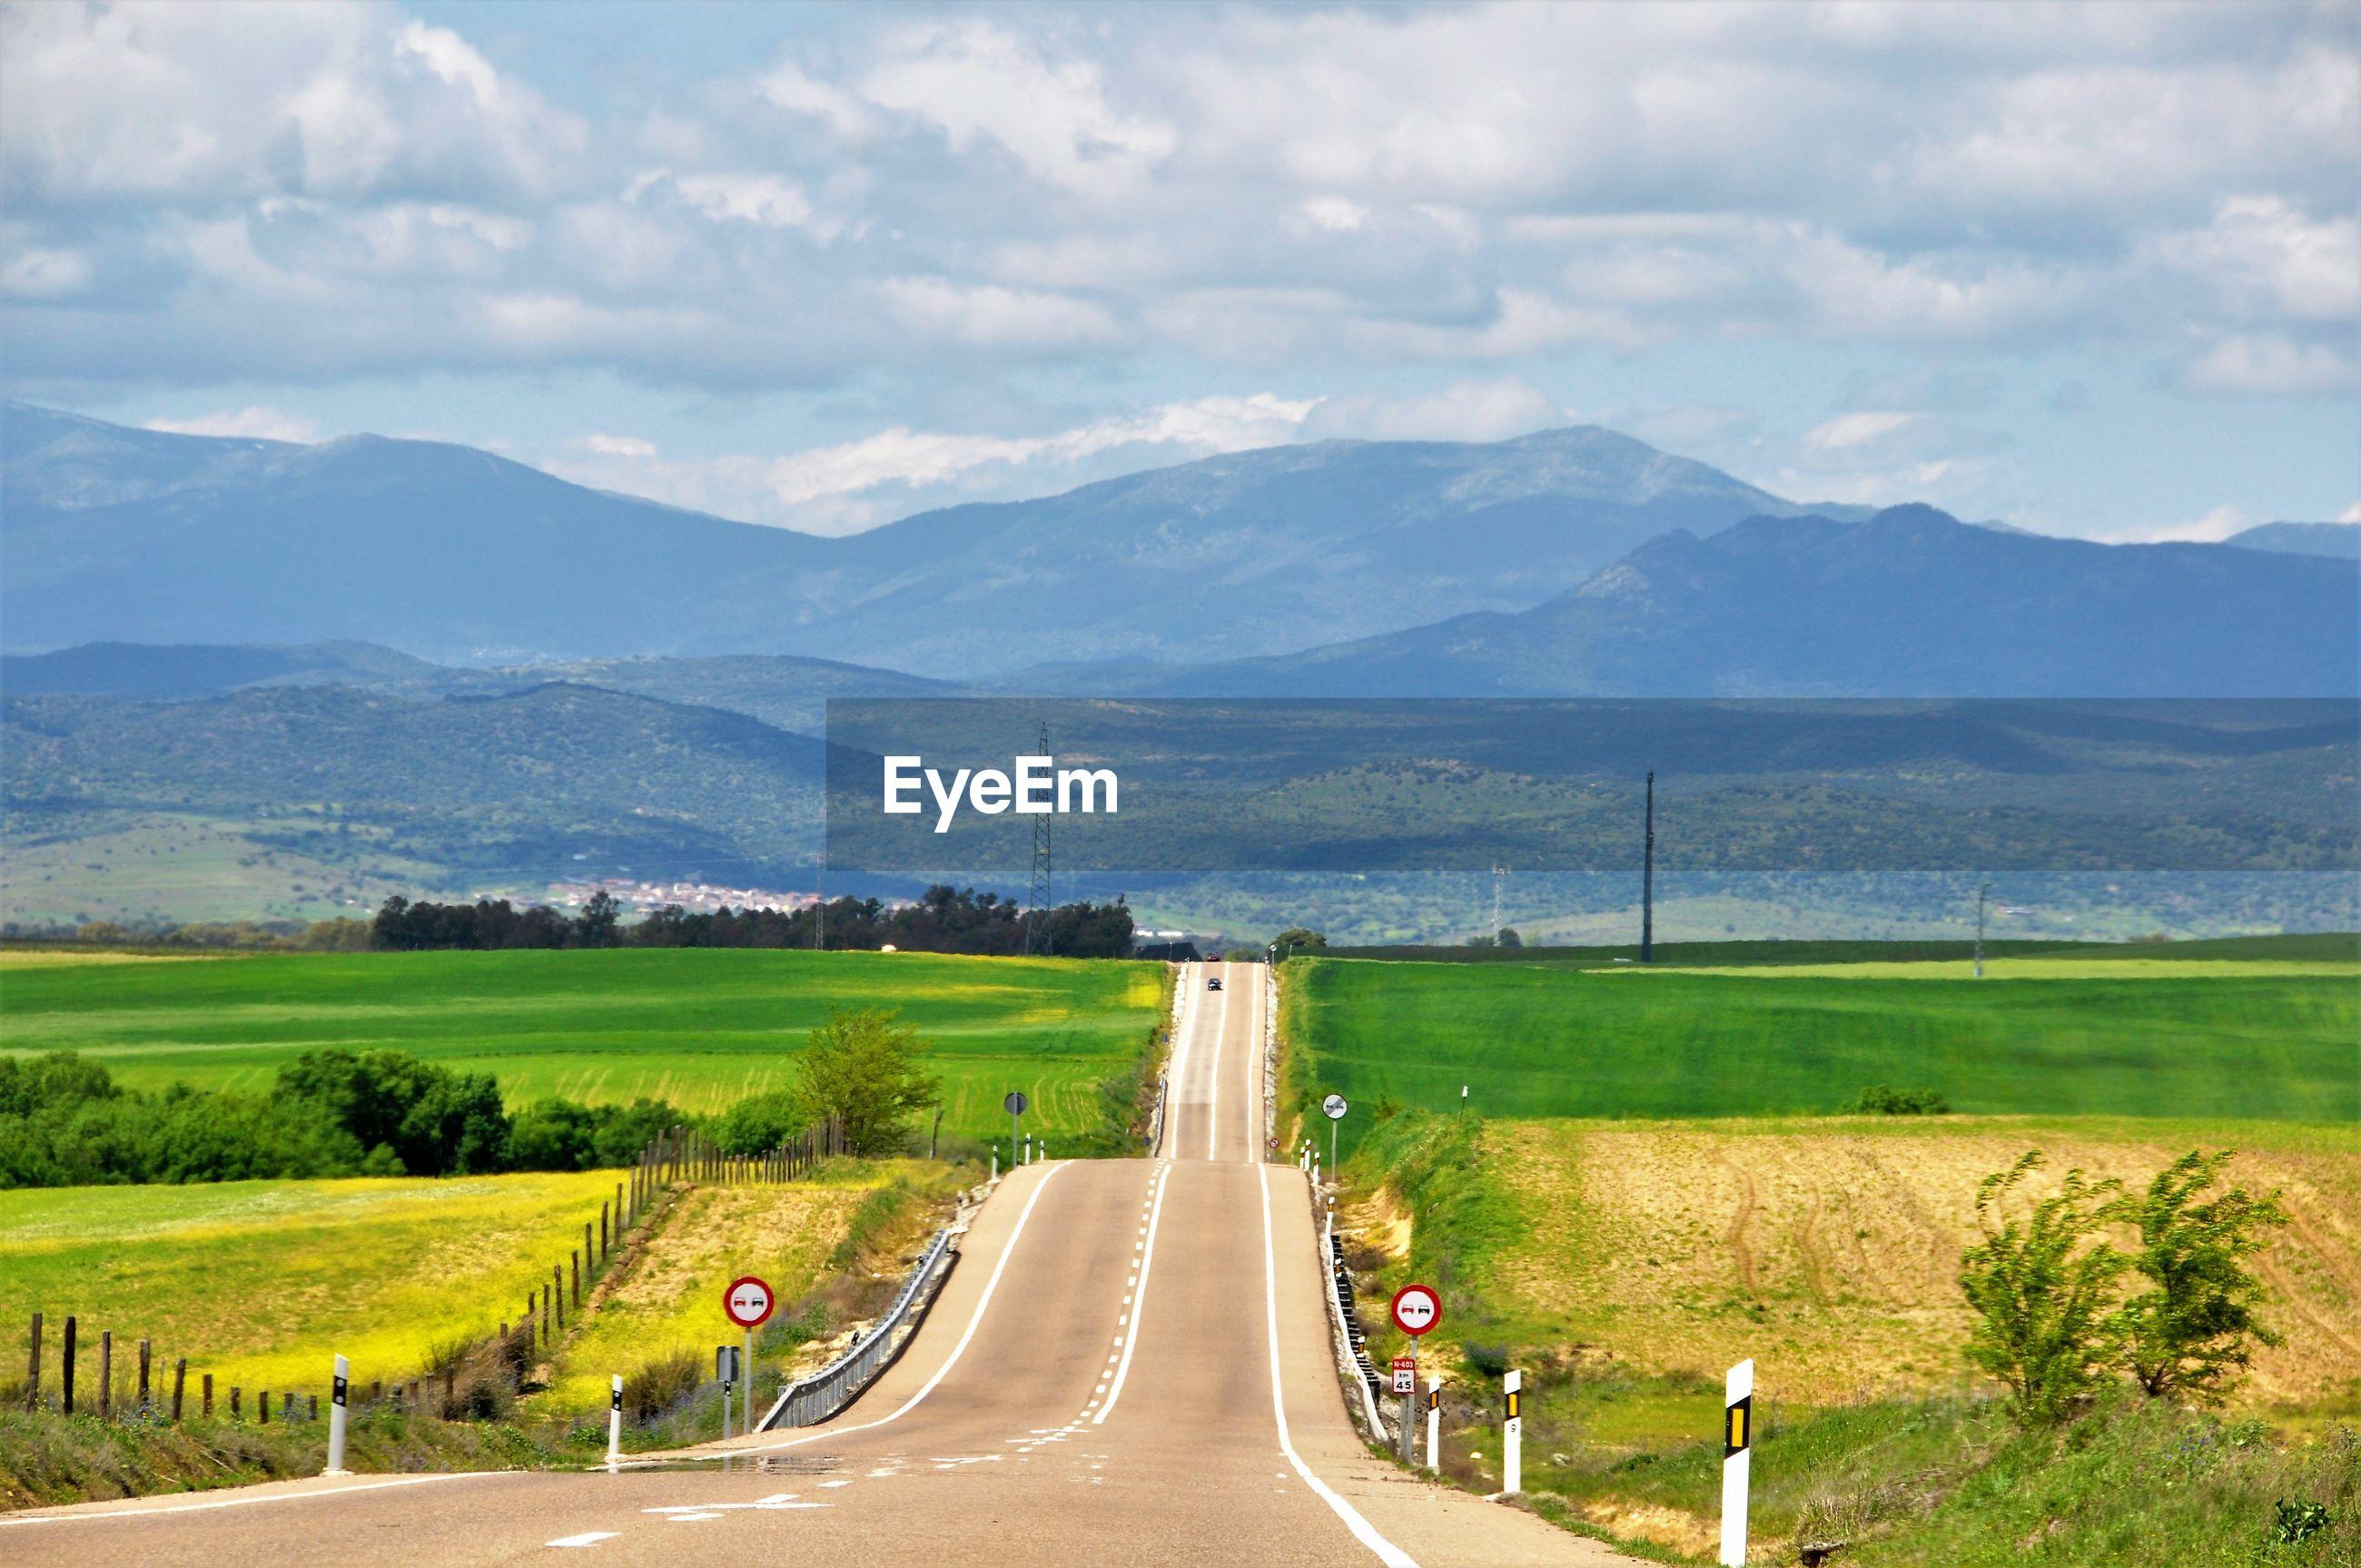 EMPTY ROAD ALONG LANDSCAPE AGAINST MOUNTAINS